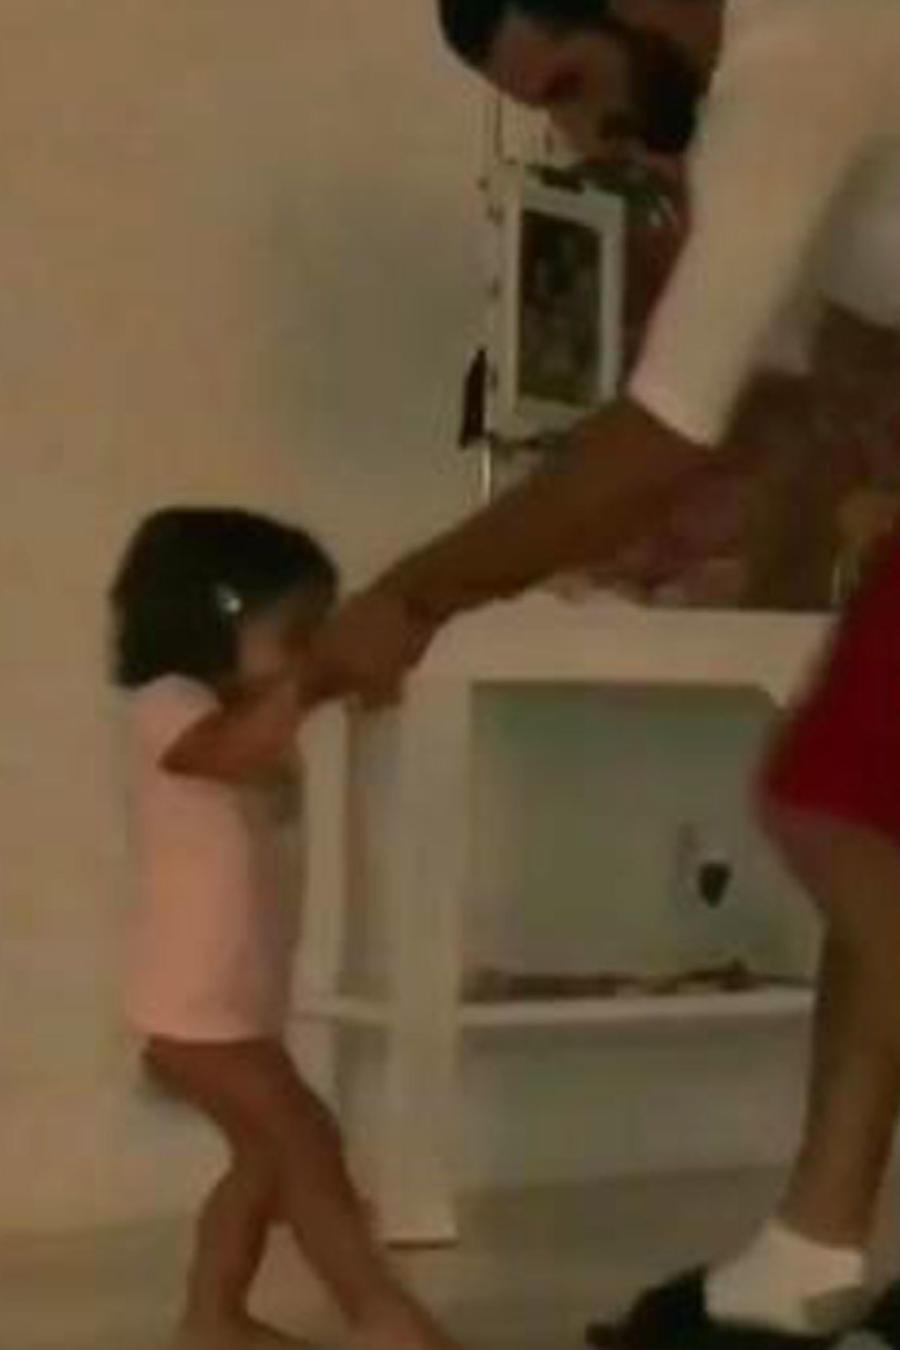 ¡Alaia volvió a subir un video que se hizo viral!